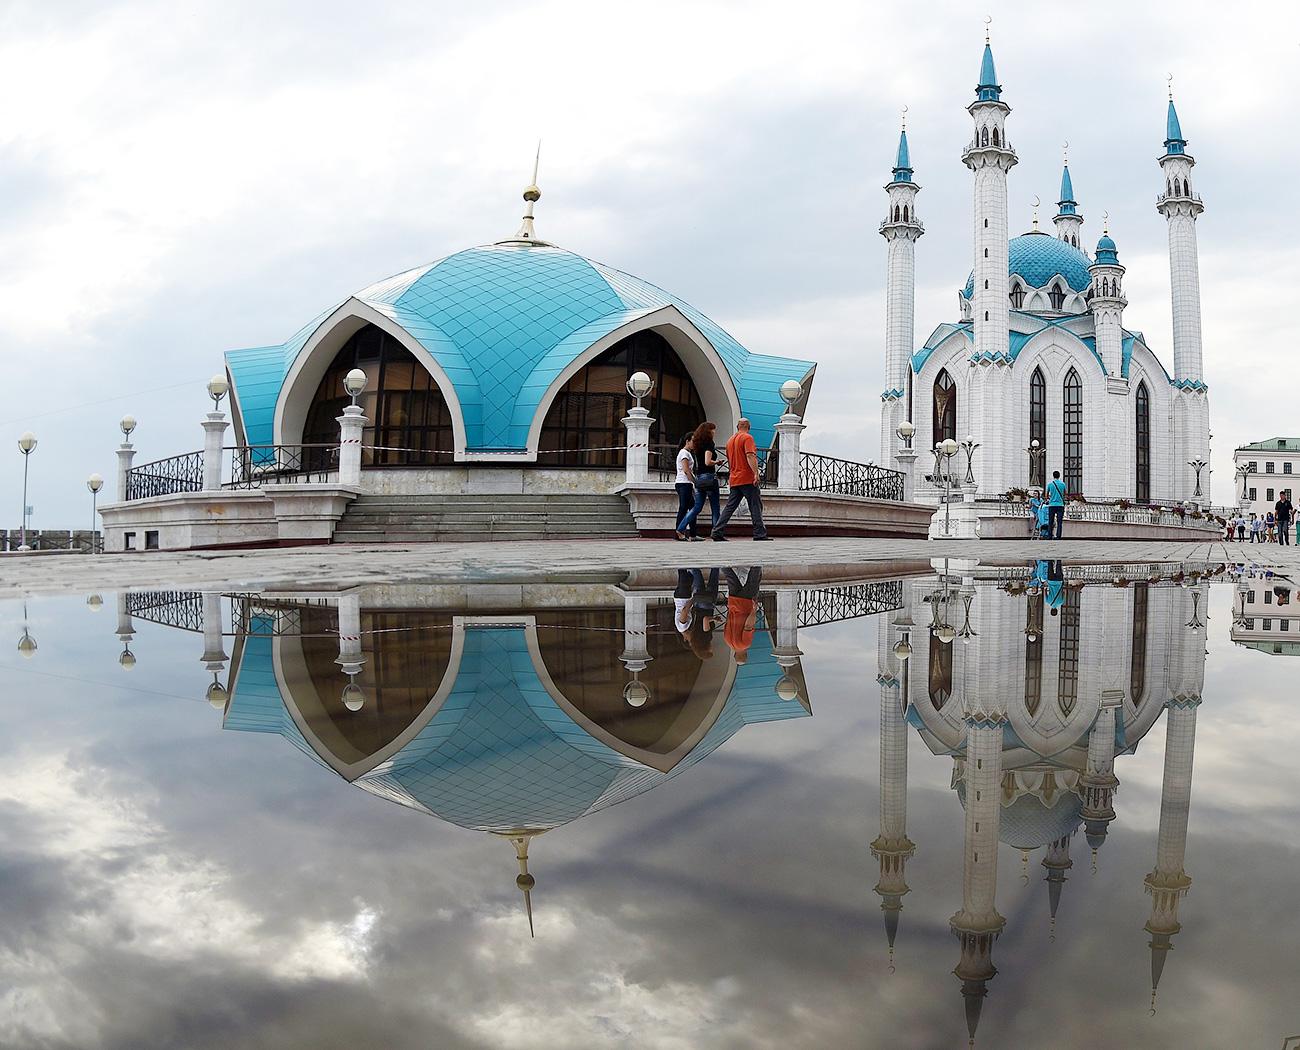 Џамија Колшафир у Казању, једна од већих џамија у Европи\n